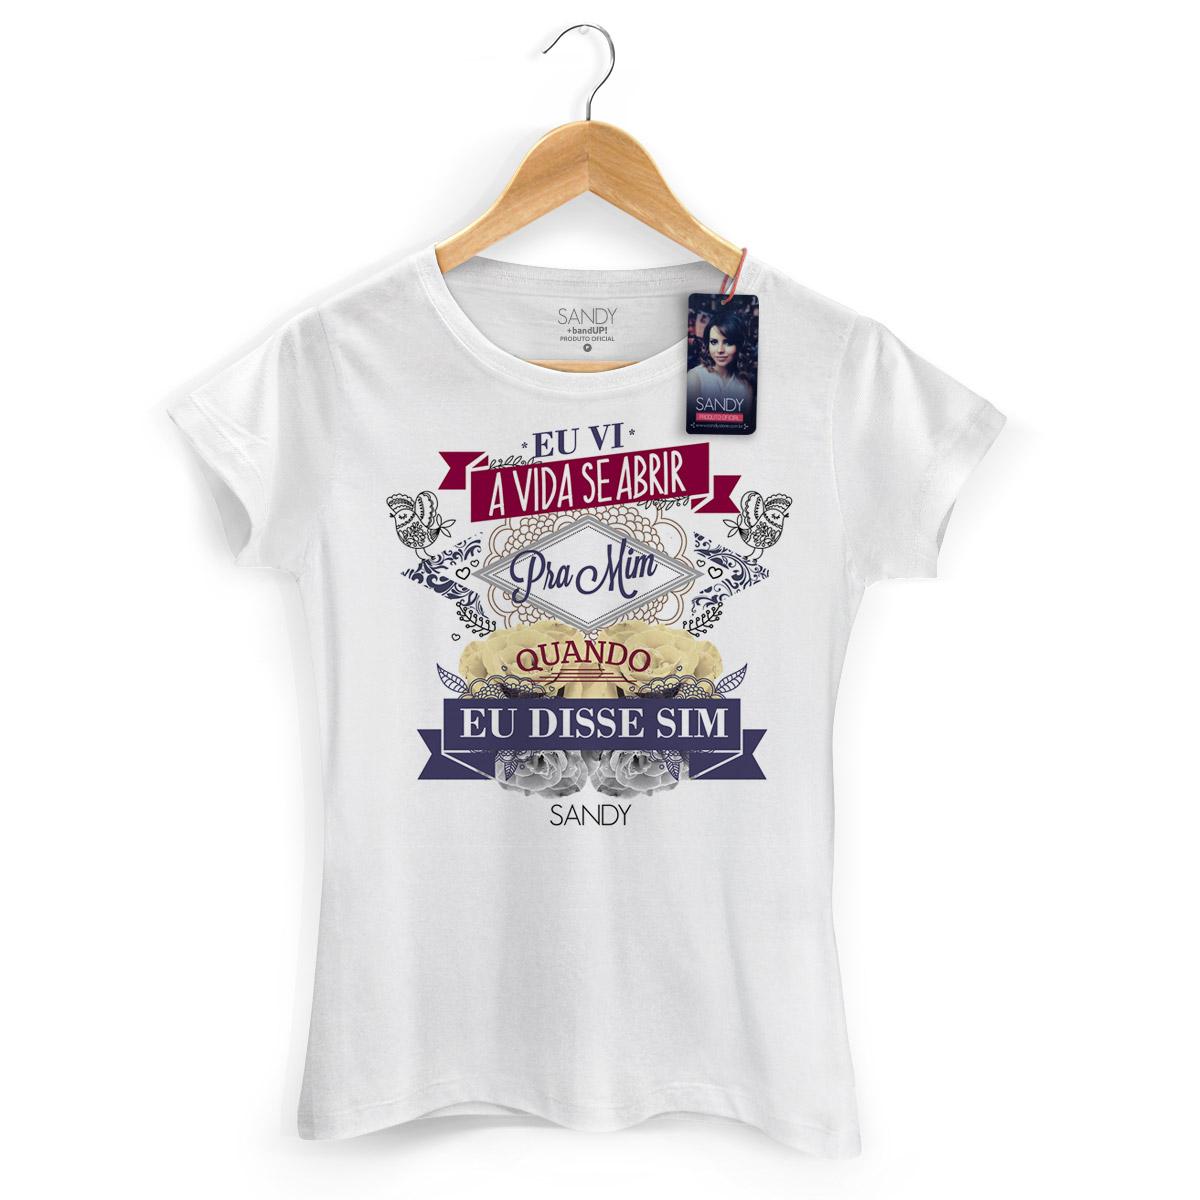 Camiseta Feminina Sandy Quando Eu Disse Sim